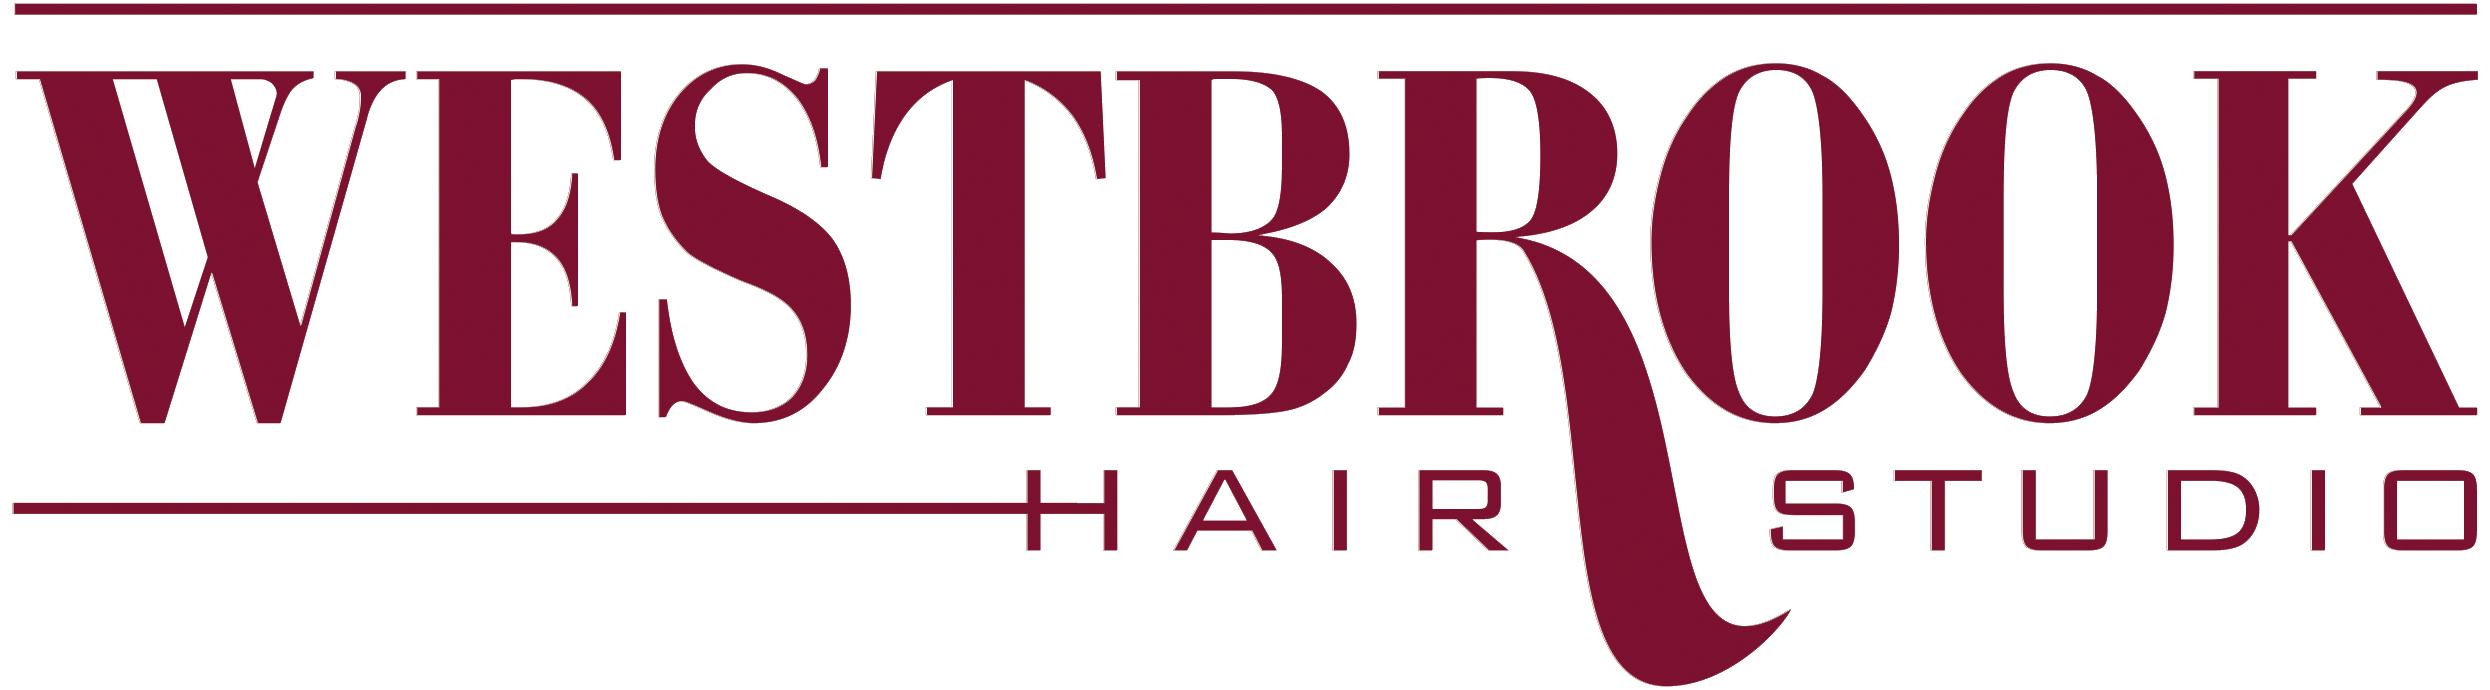 Westbrook Hair Studio